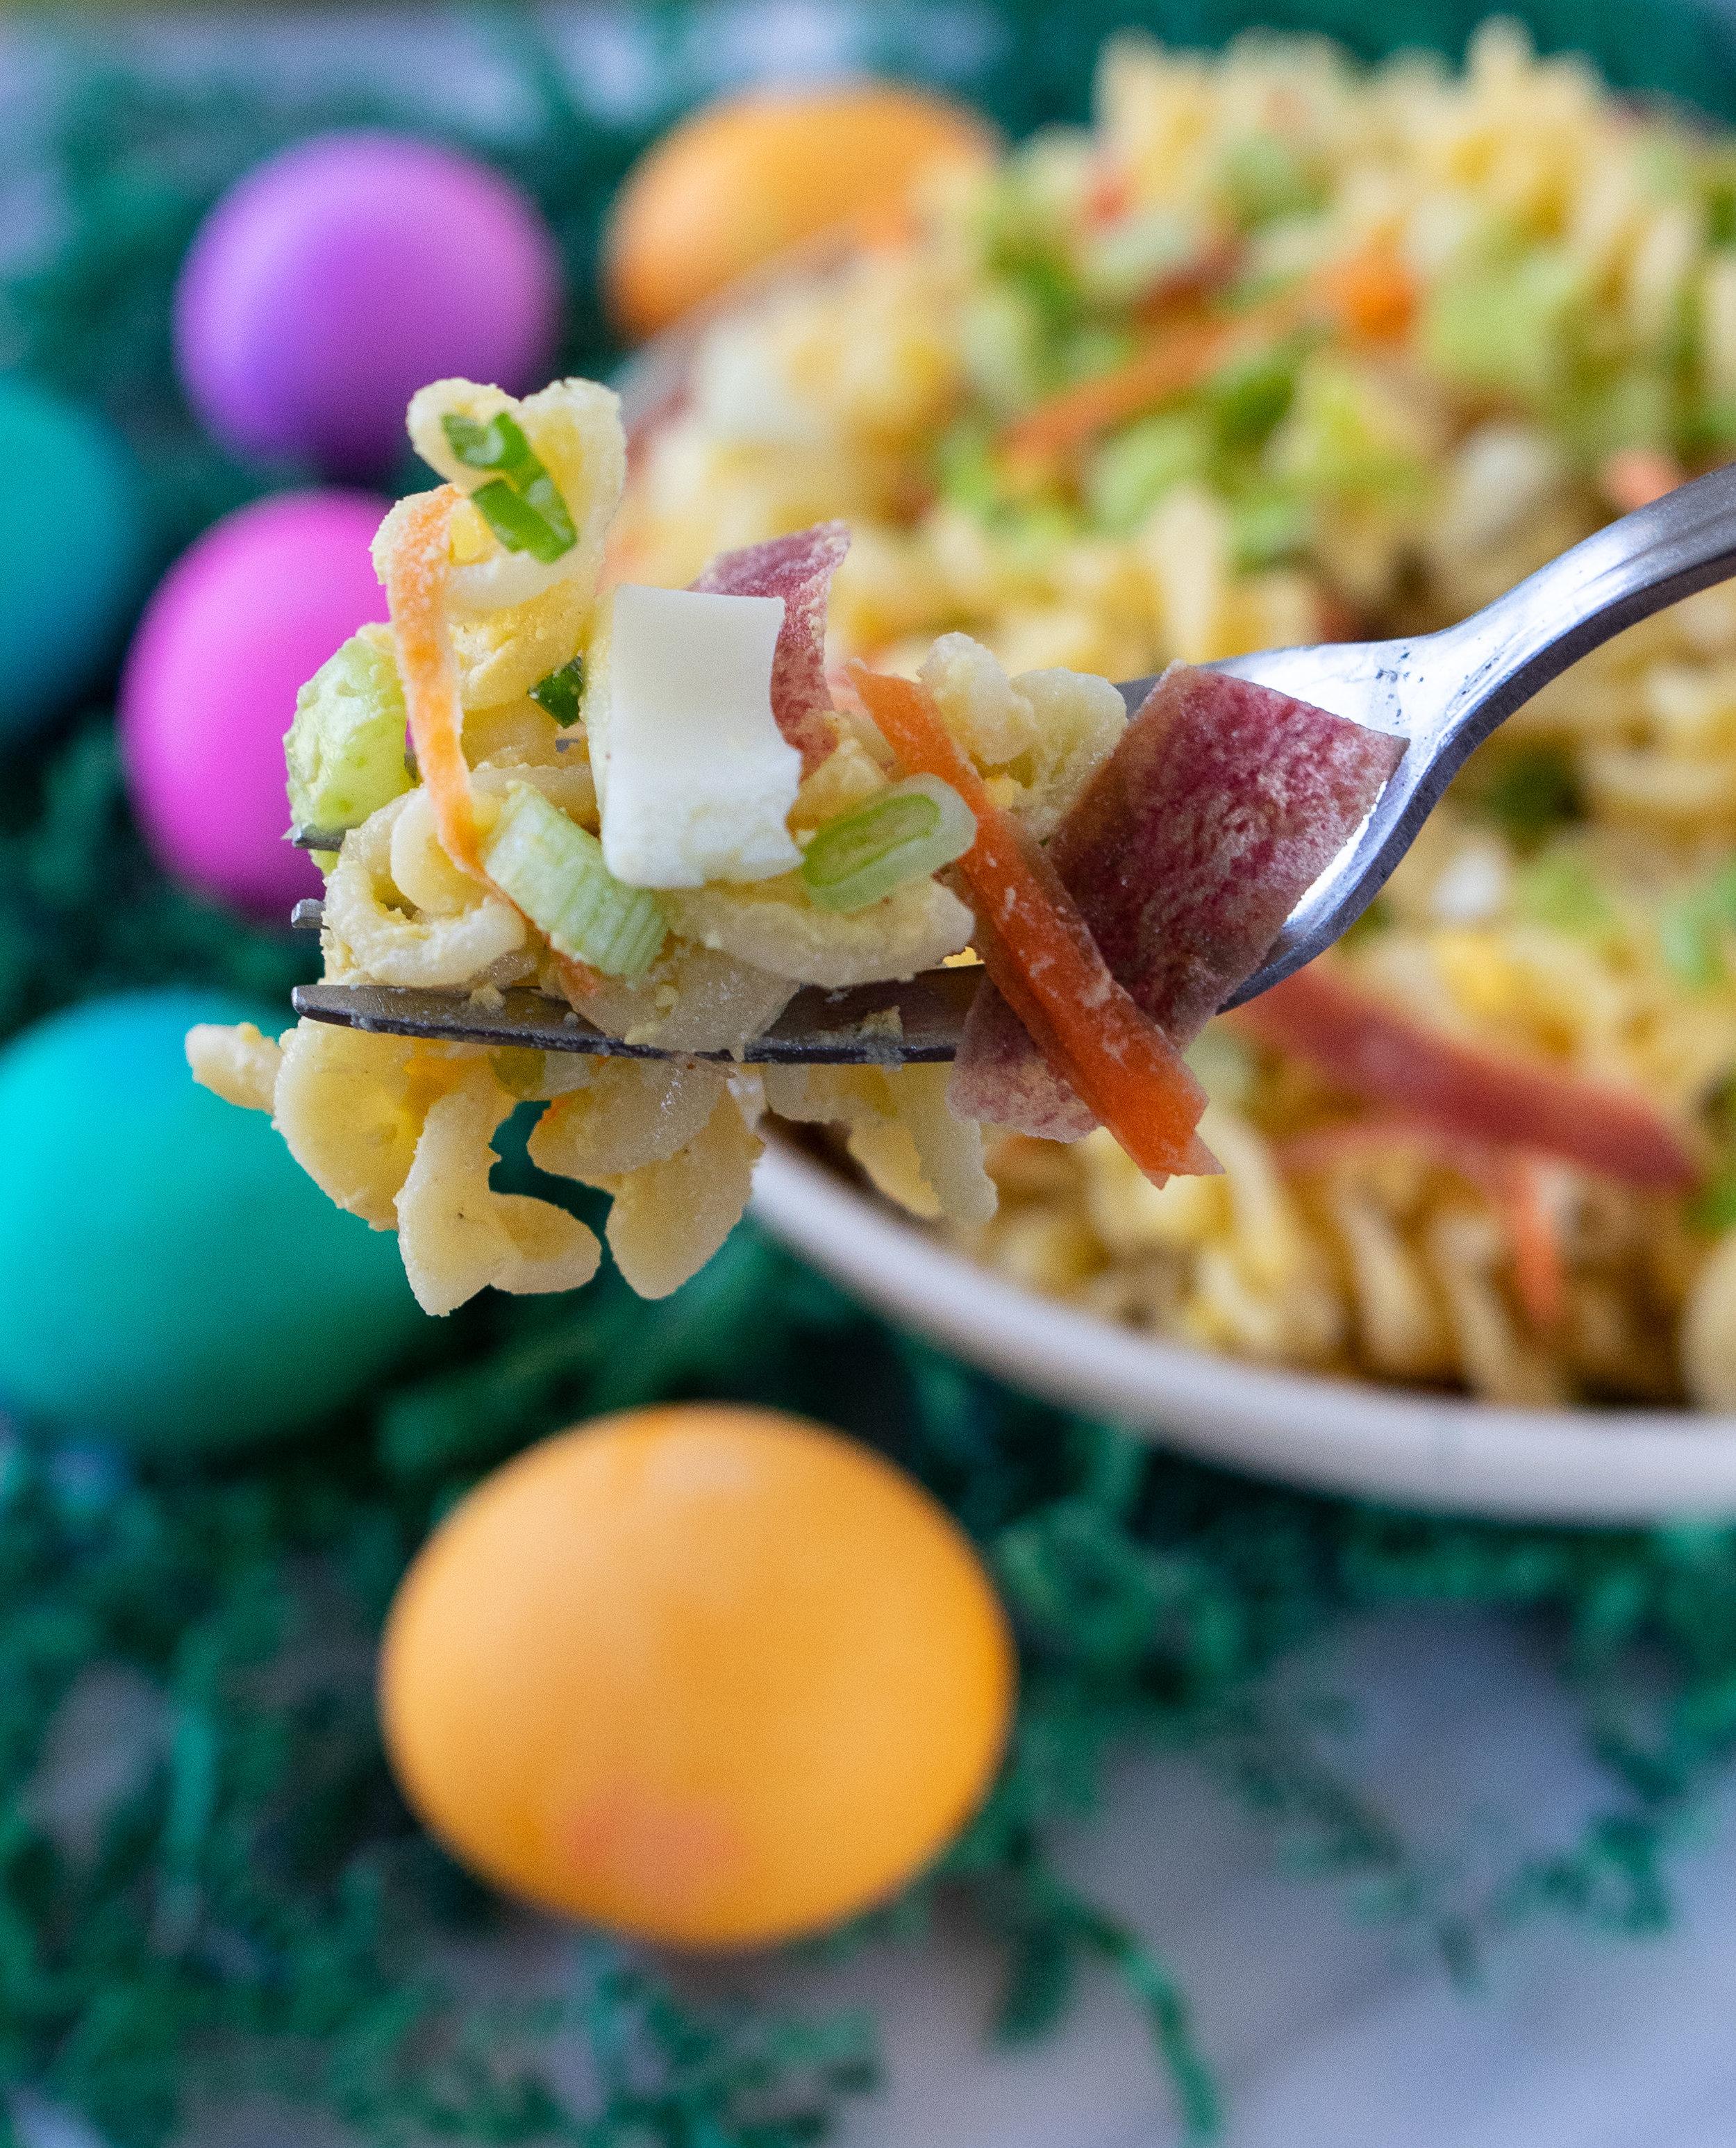 Side view of a forkful of deviled egg pasta salad